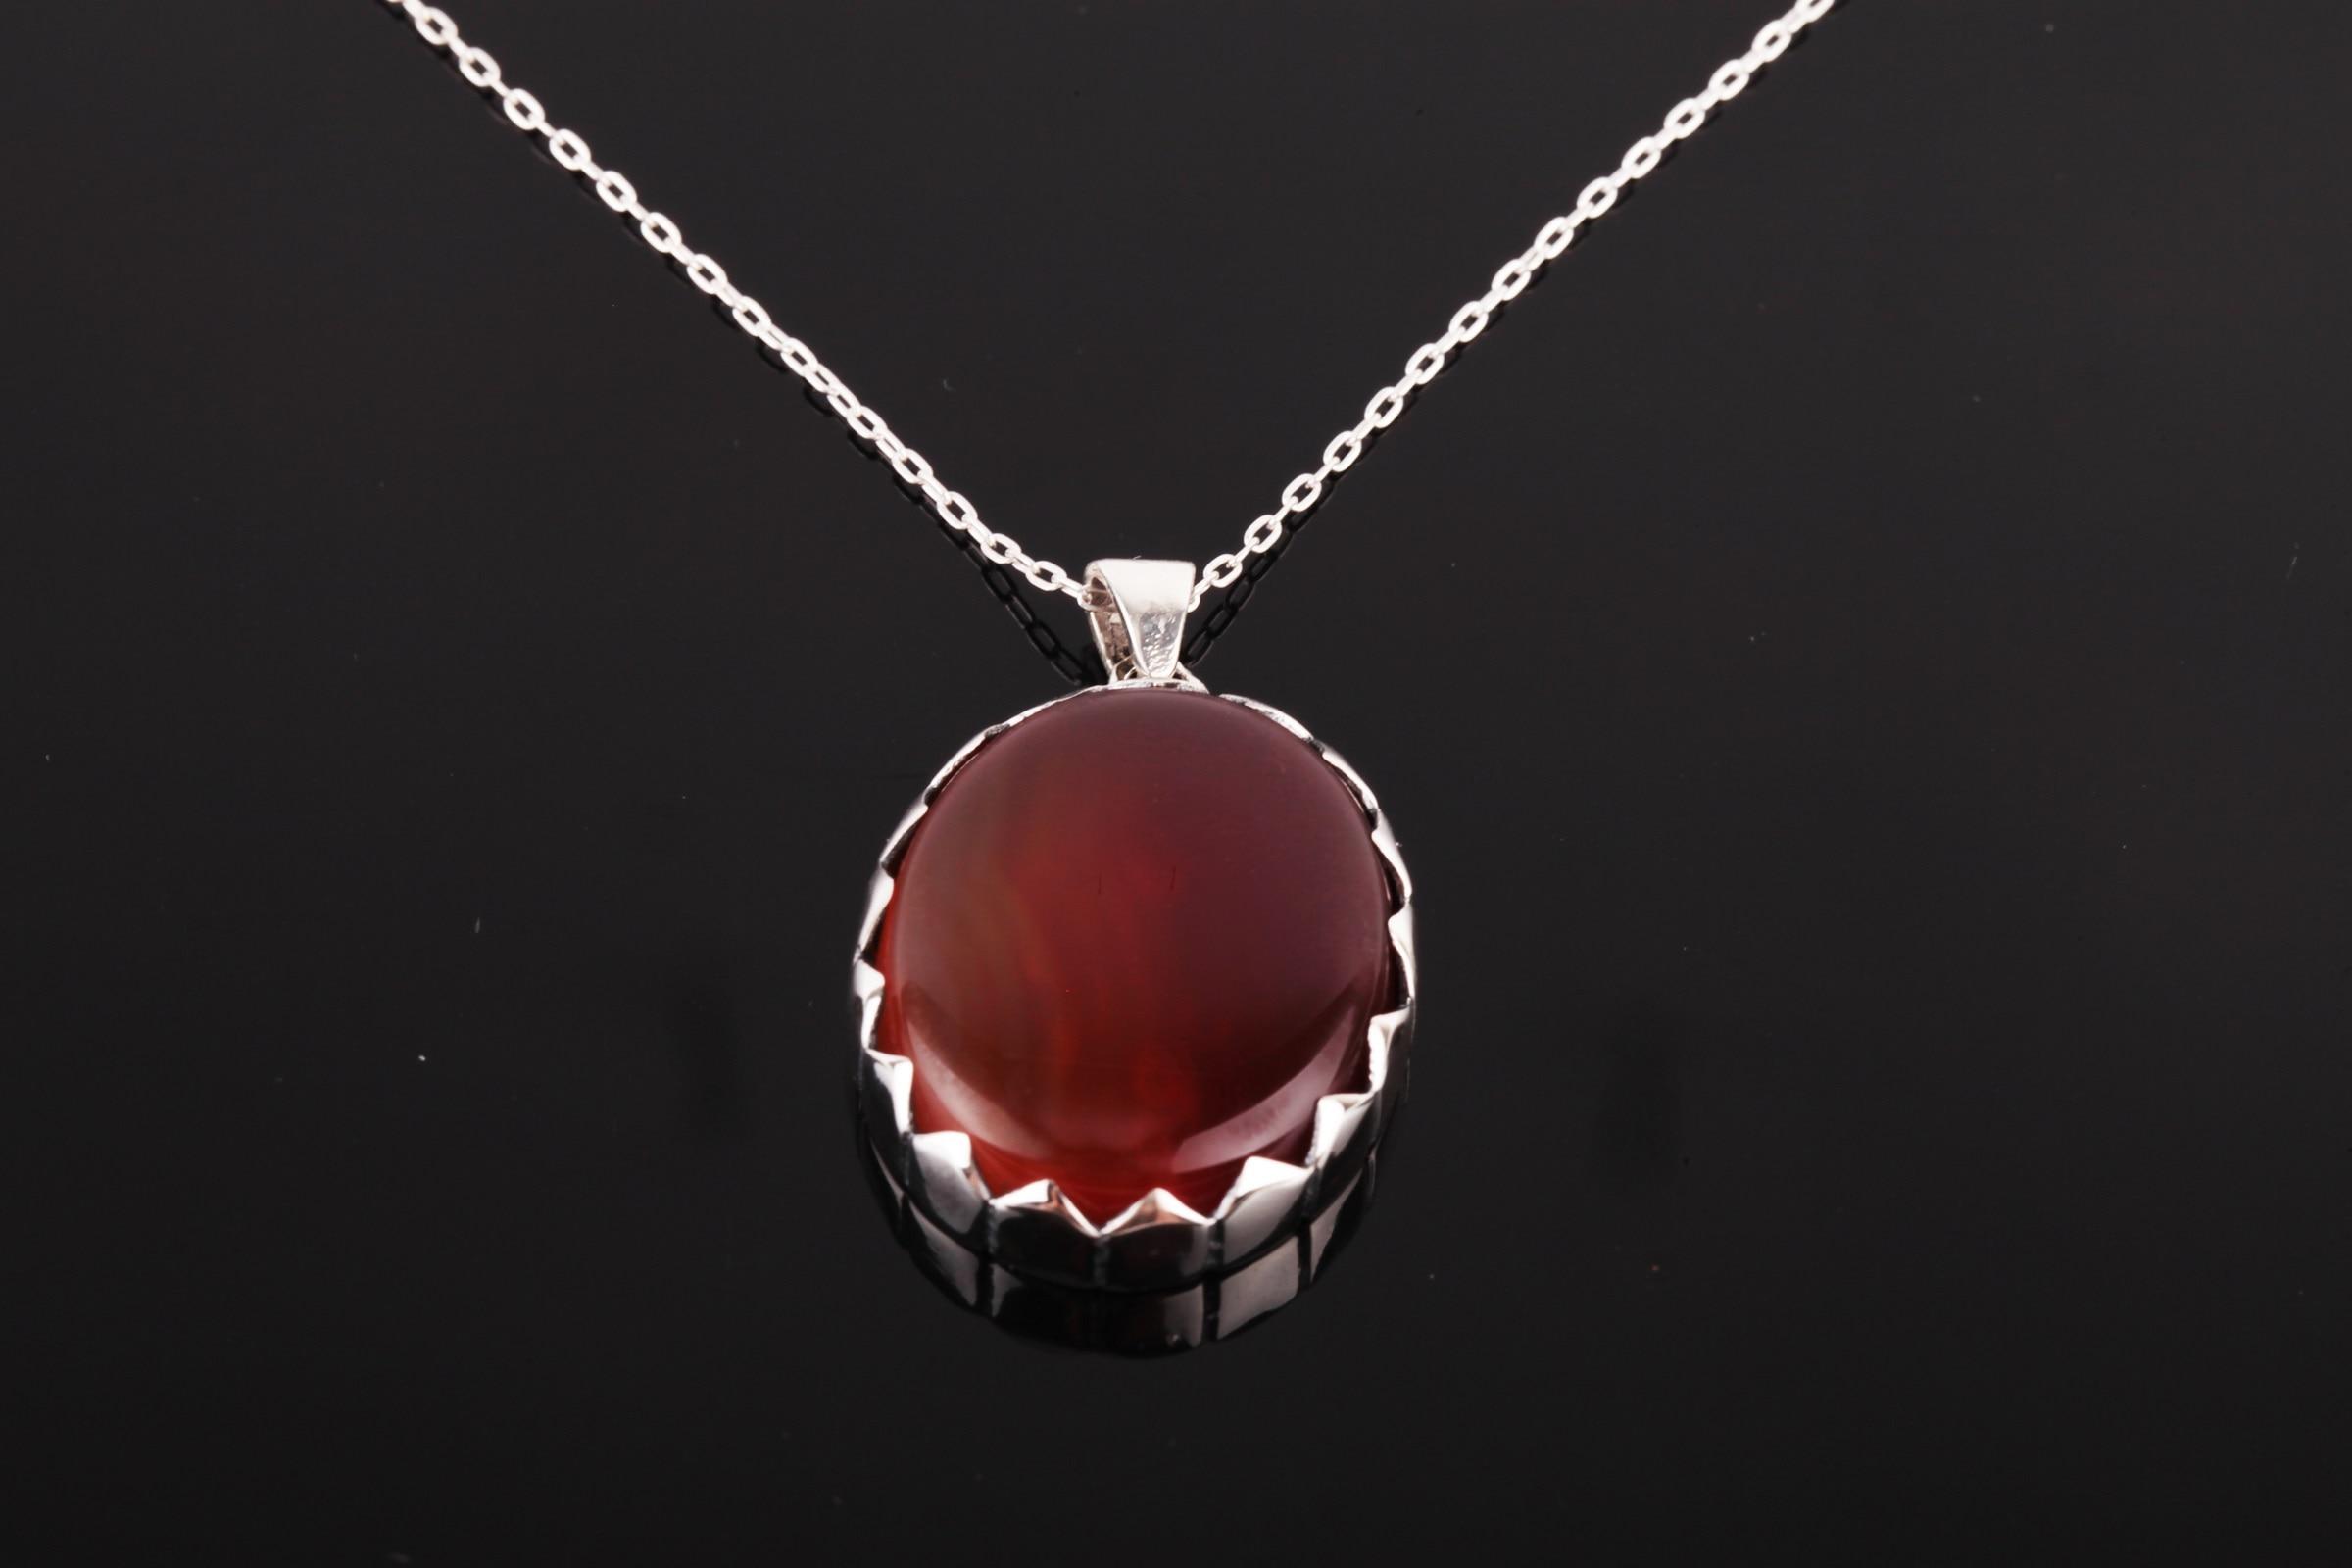 أم الولايات المتحدة مجوهرات اليمن حجر العقيق الكريم 925 قلادة فضية الاسترليني